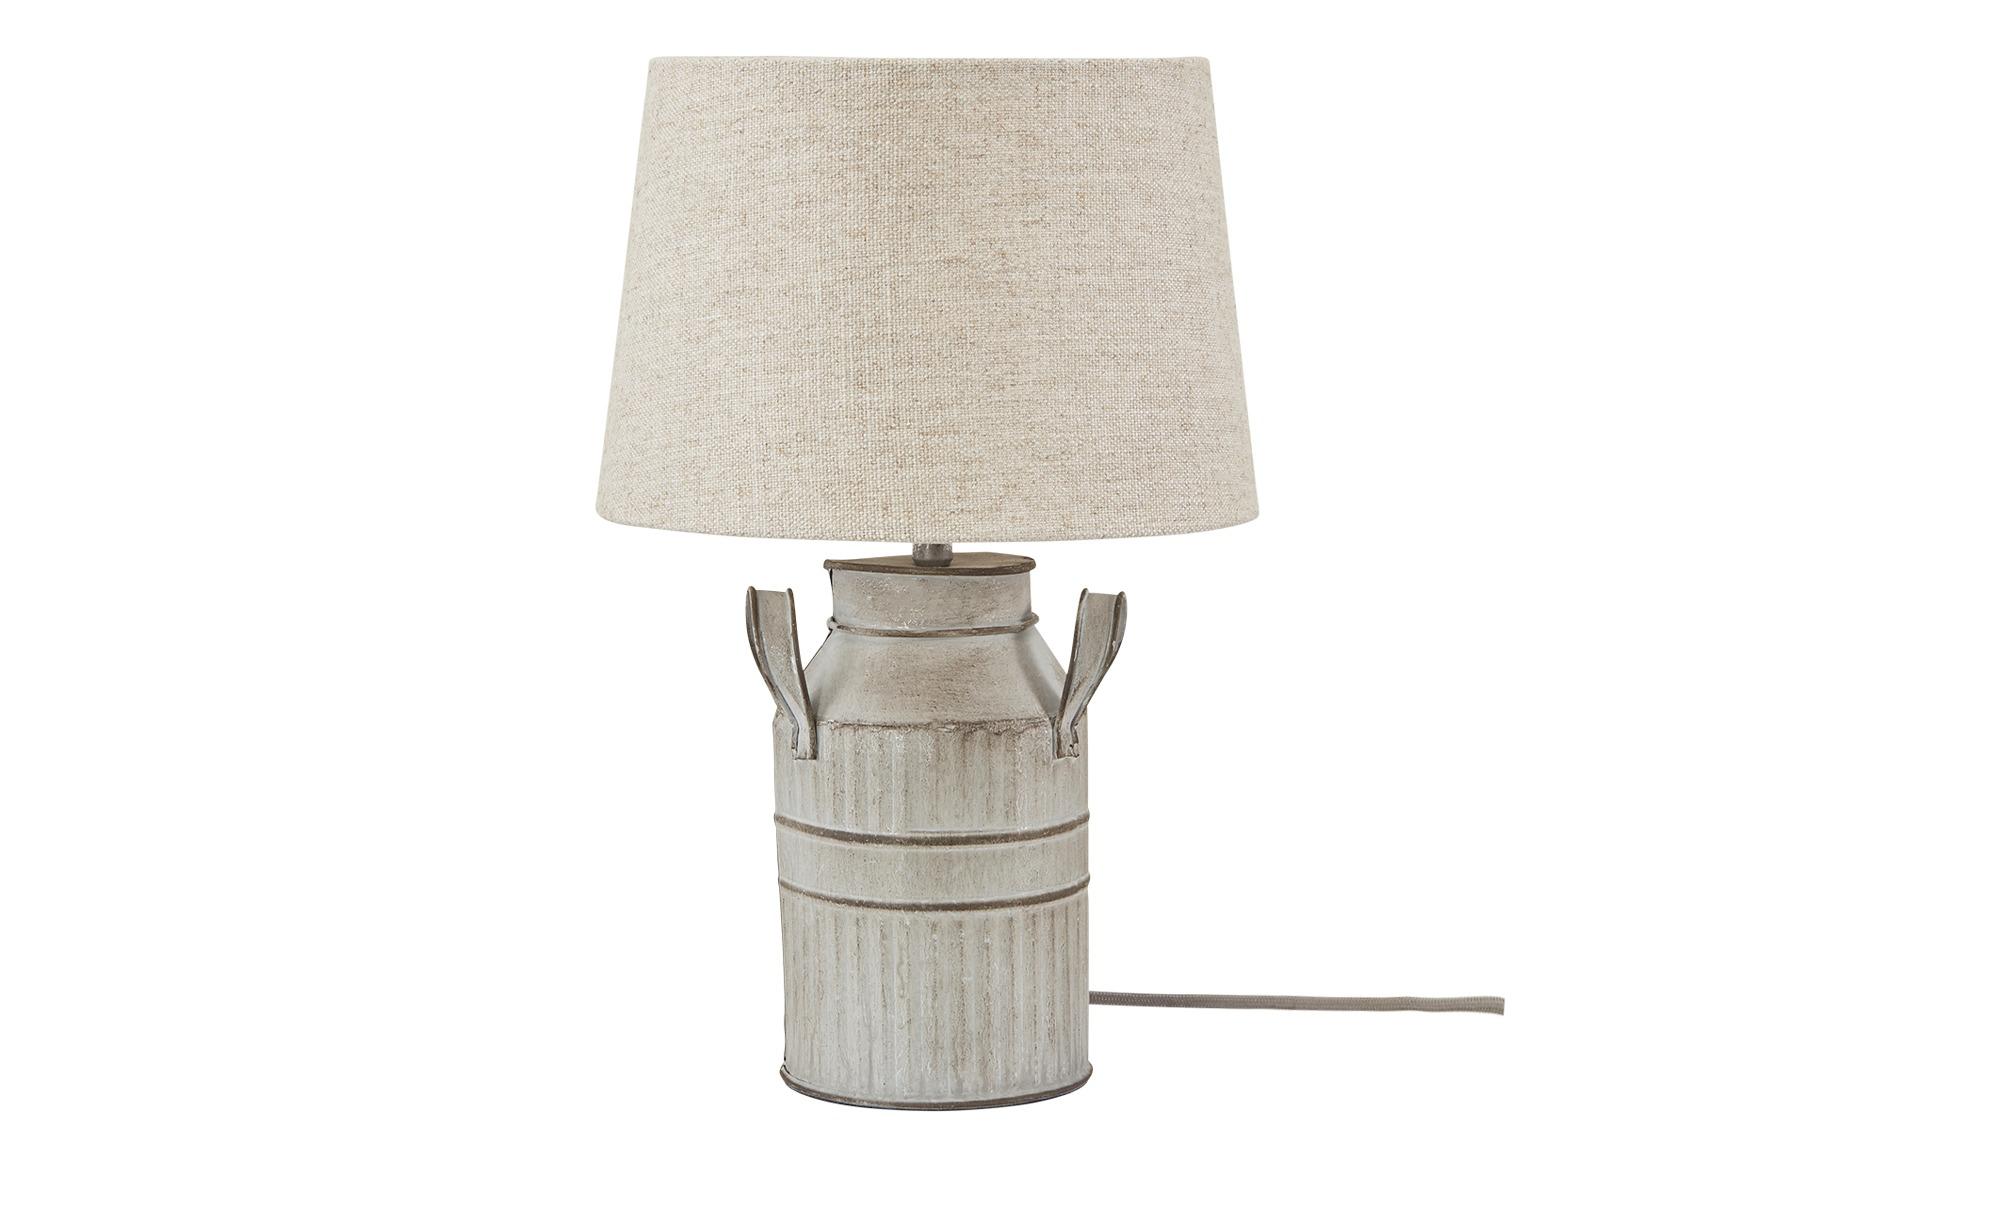 Tischleuchte, 1-flammig `Milchkanne´ klein ¦ beige ¦ Maße (cm): H: 40 Ø: 12 Lampen & Leuchten > Innenleuchten > Tischlampen - Höffner